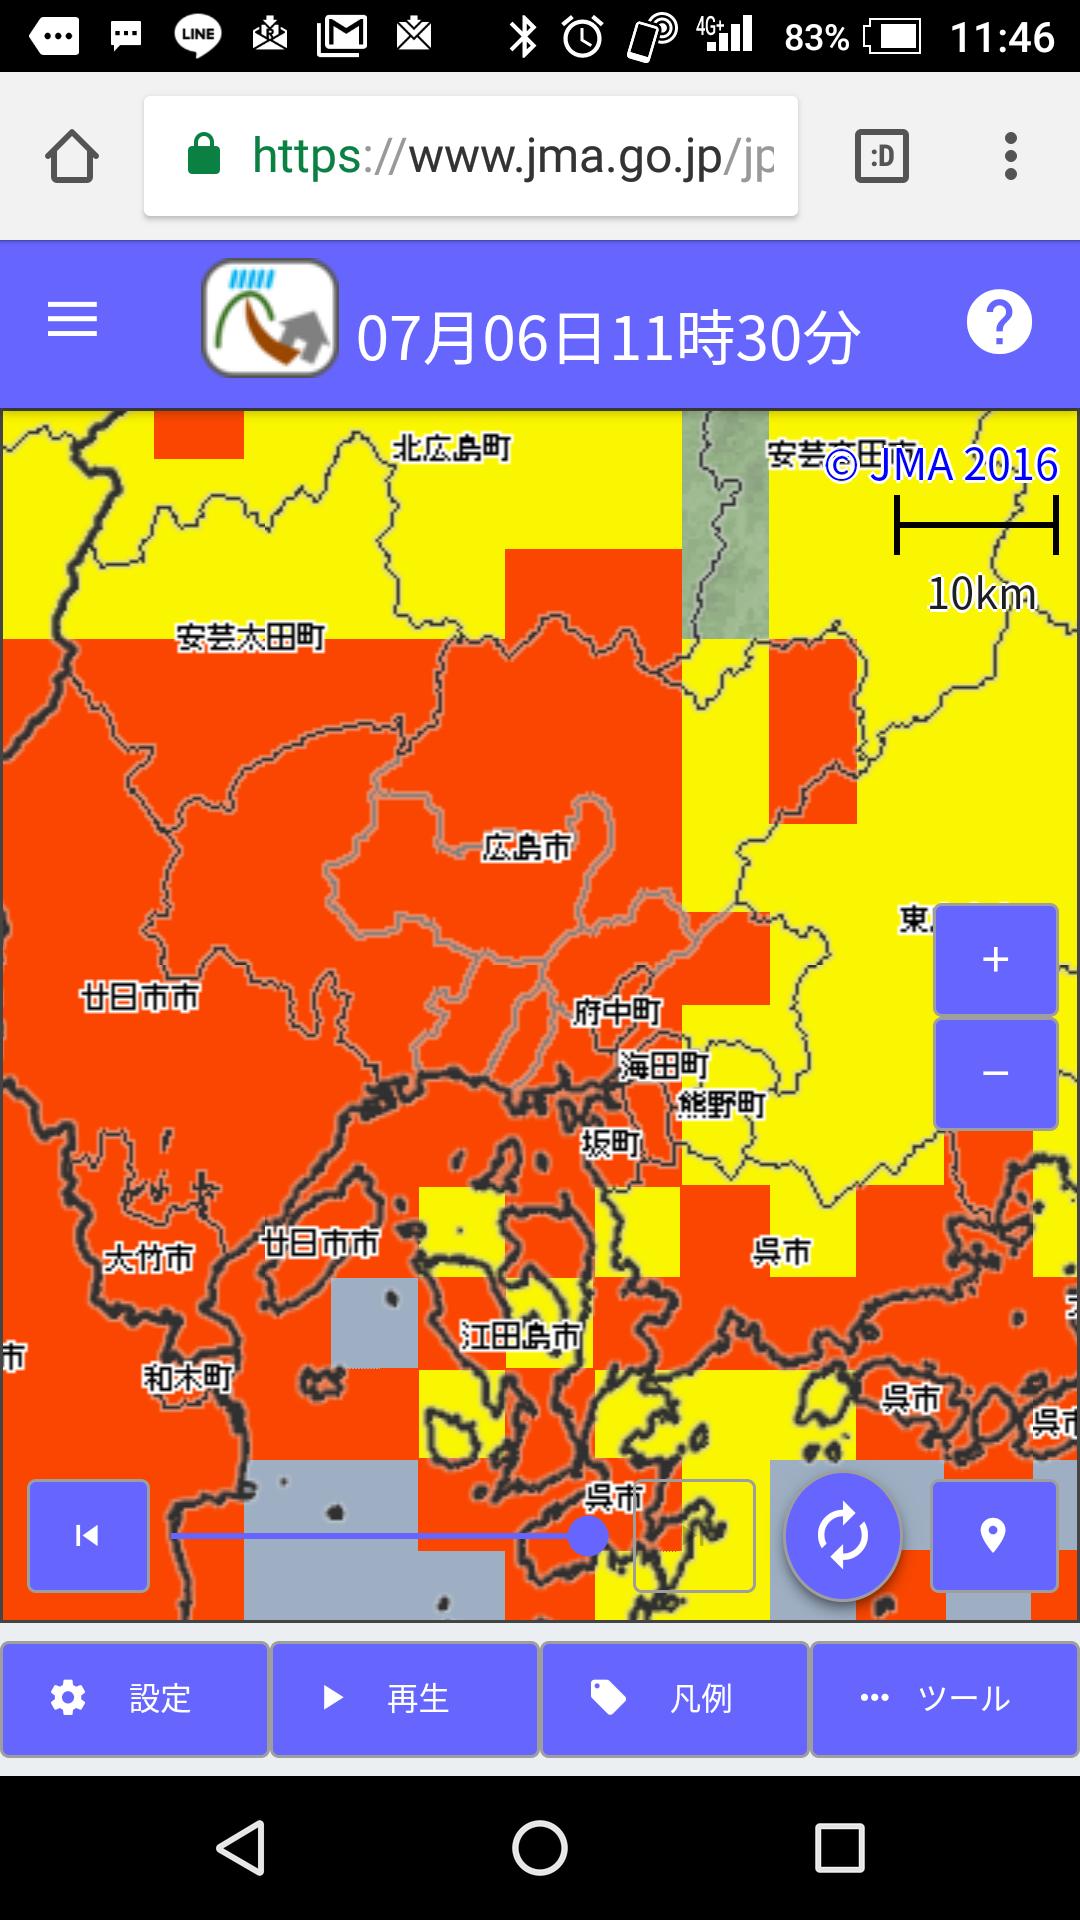 広島など各地で特別警報級豪雨≪随時更新≫_e0094315_11483000.png